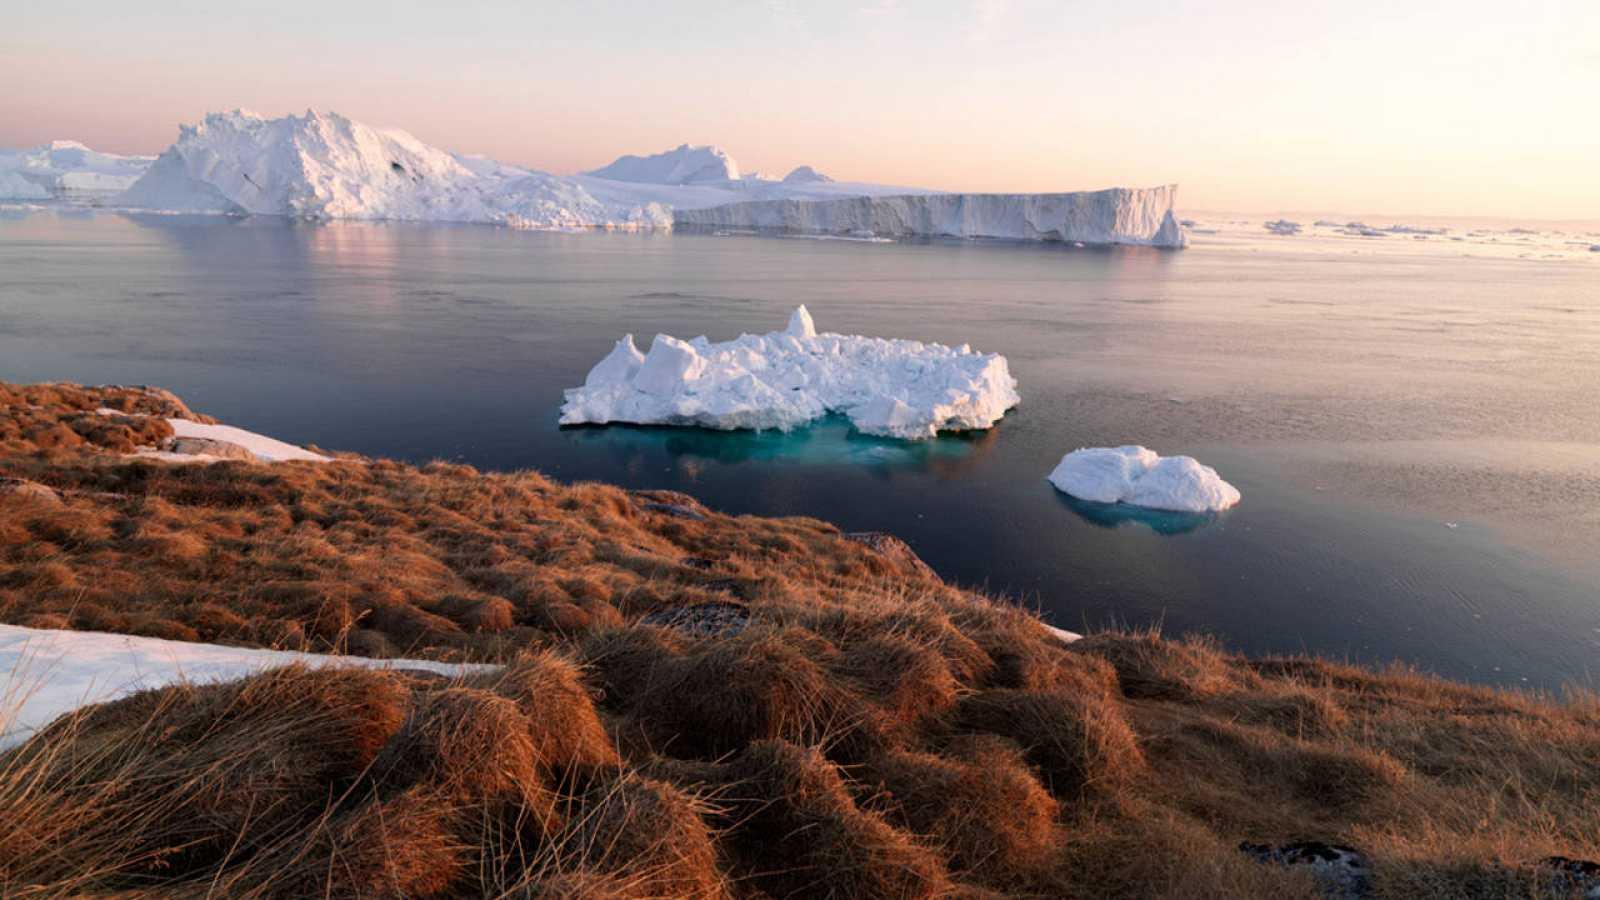 EEUU eligió Groenlandia en 1959 para instalar una base secreta desde la que poder lanzar misiles a la Unión Soviética.